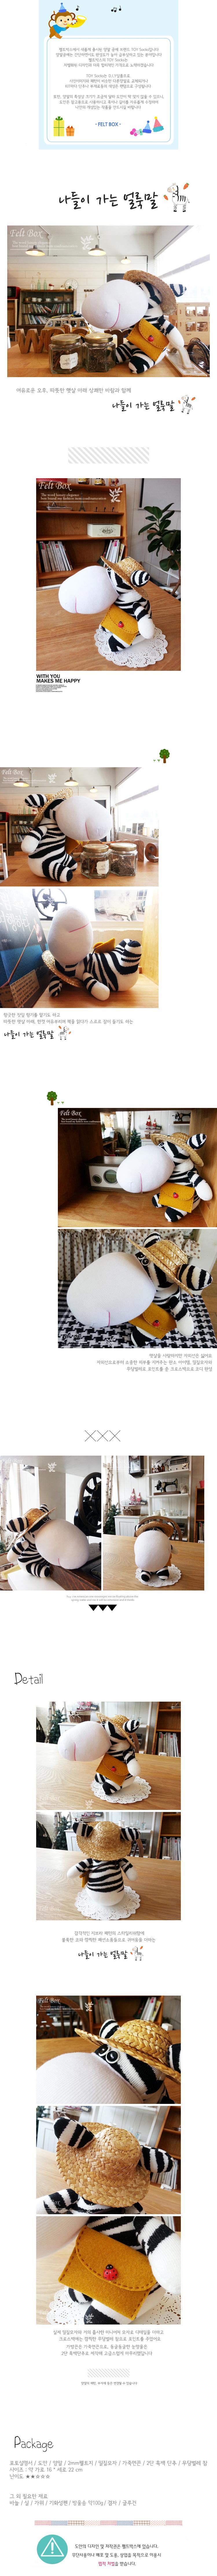 반제품 DIY kit- 나들이 가는 얼룩말 - 펠트박스, 10,800원, 퀼트/원단공예, 인형 패키지